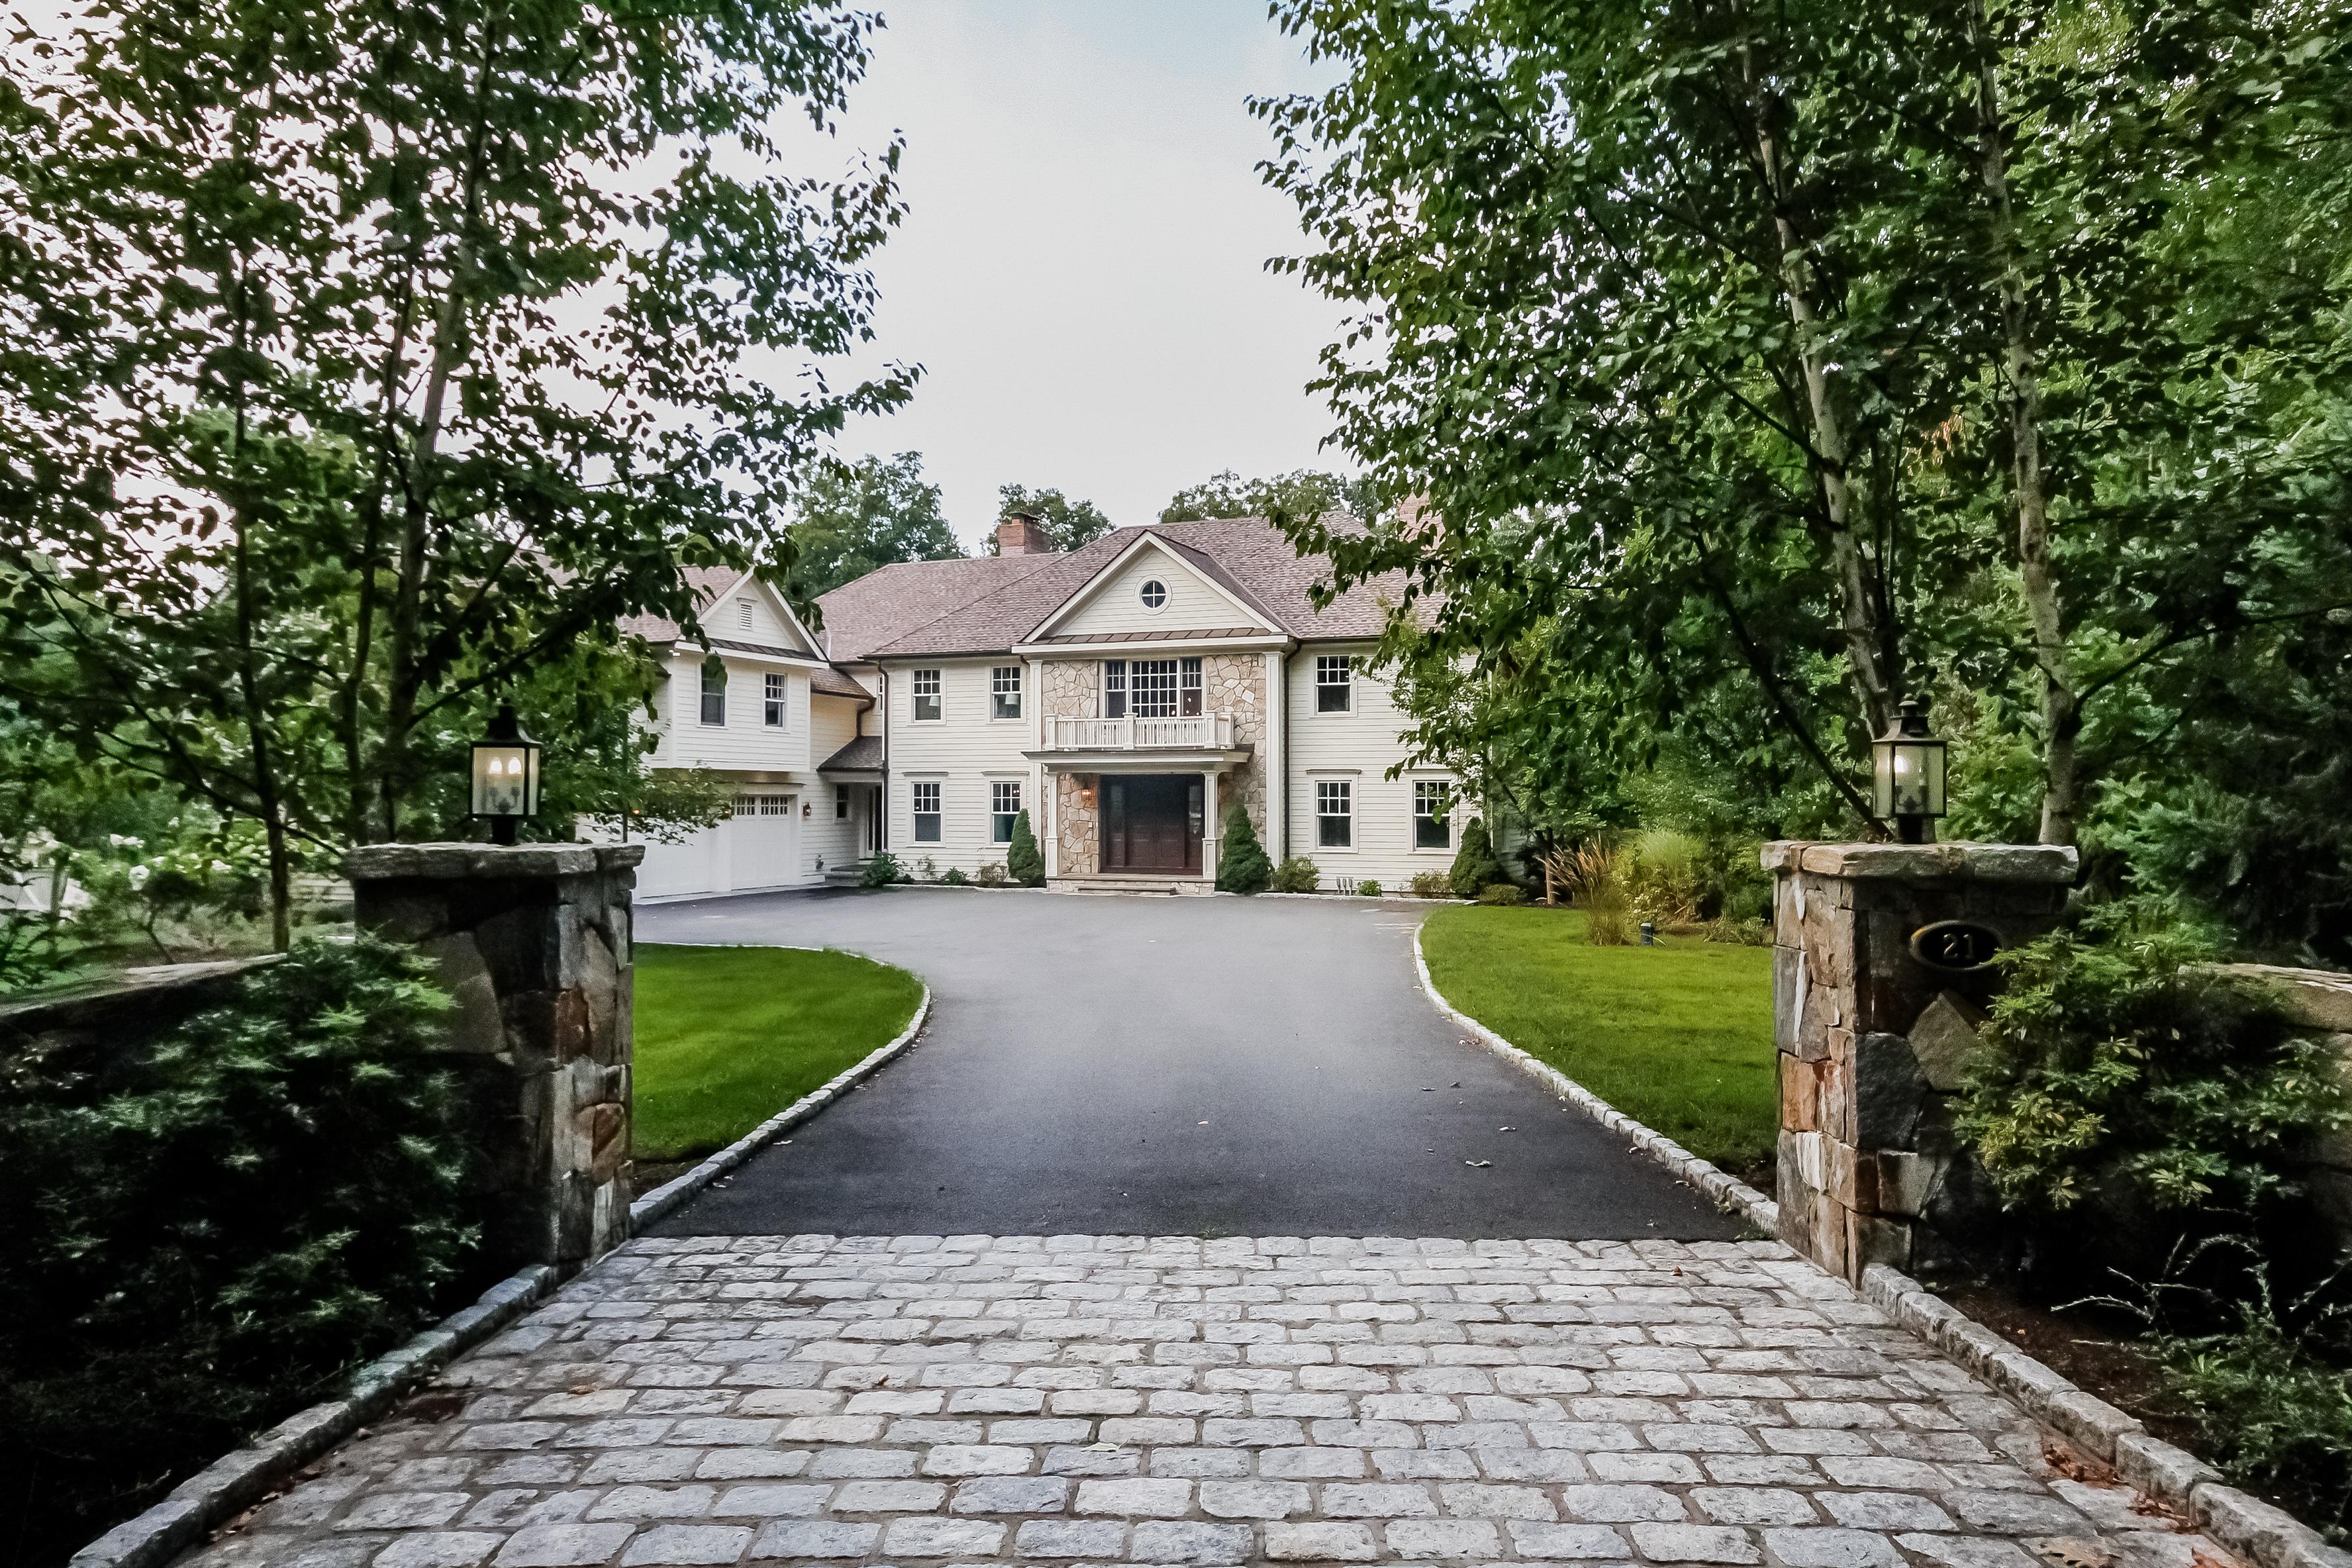 Casa Unifamiliar por un Venta en Unprecedented Value 21 Richmond Hill Road Weston, Connecticut 06883 Estados Unidos